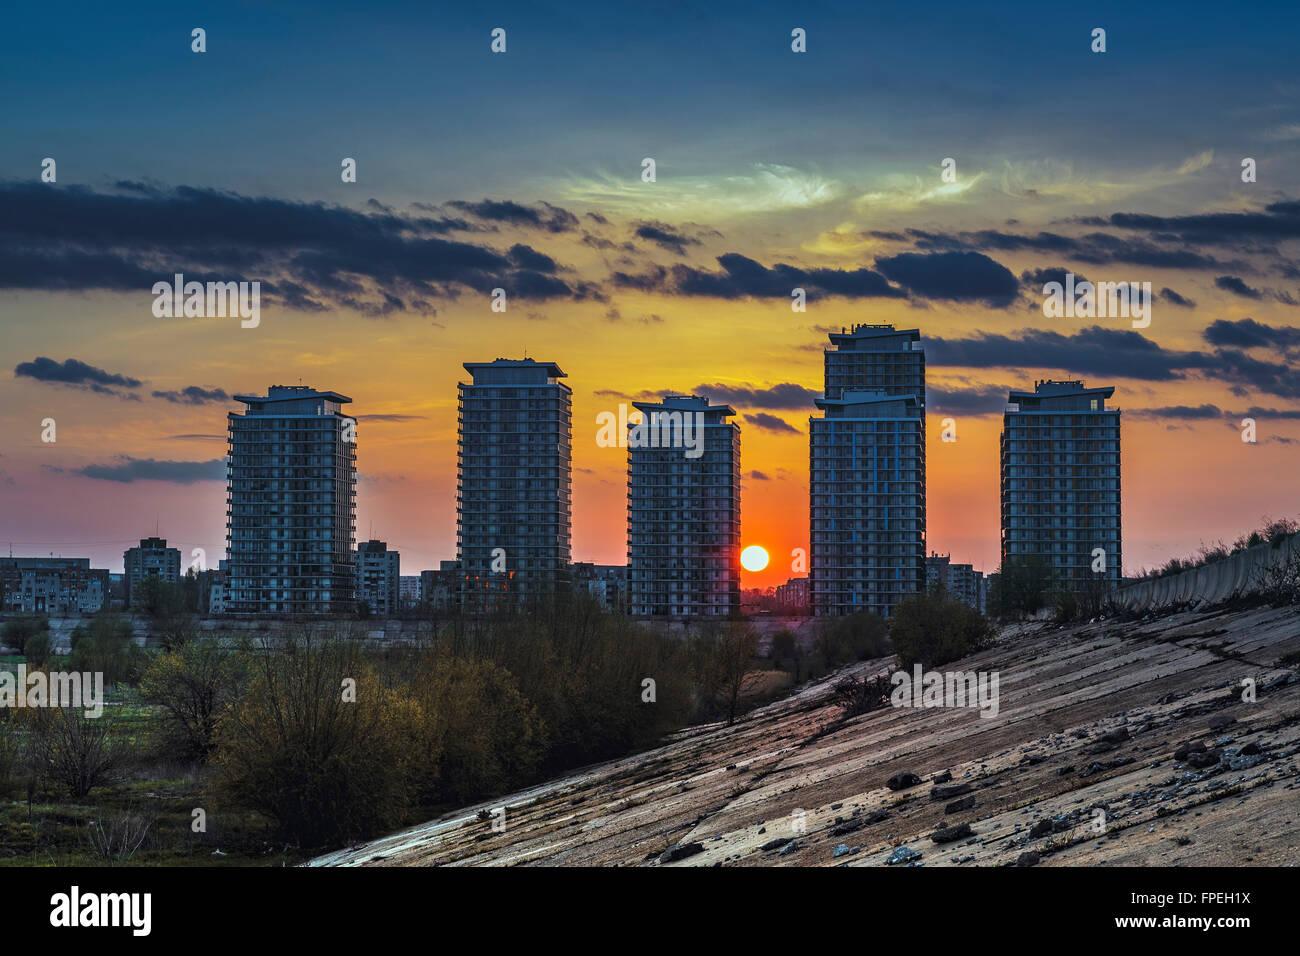 Un paysage idyllique avec coucher de soleil derri re des gratte ciel r sidentiel pr s du barrage - Pourquoi un coup de soleil gratte ...